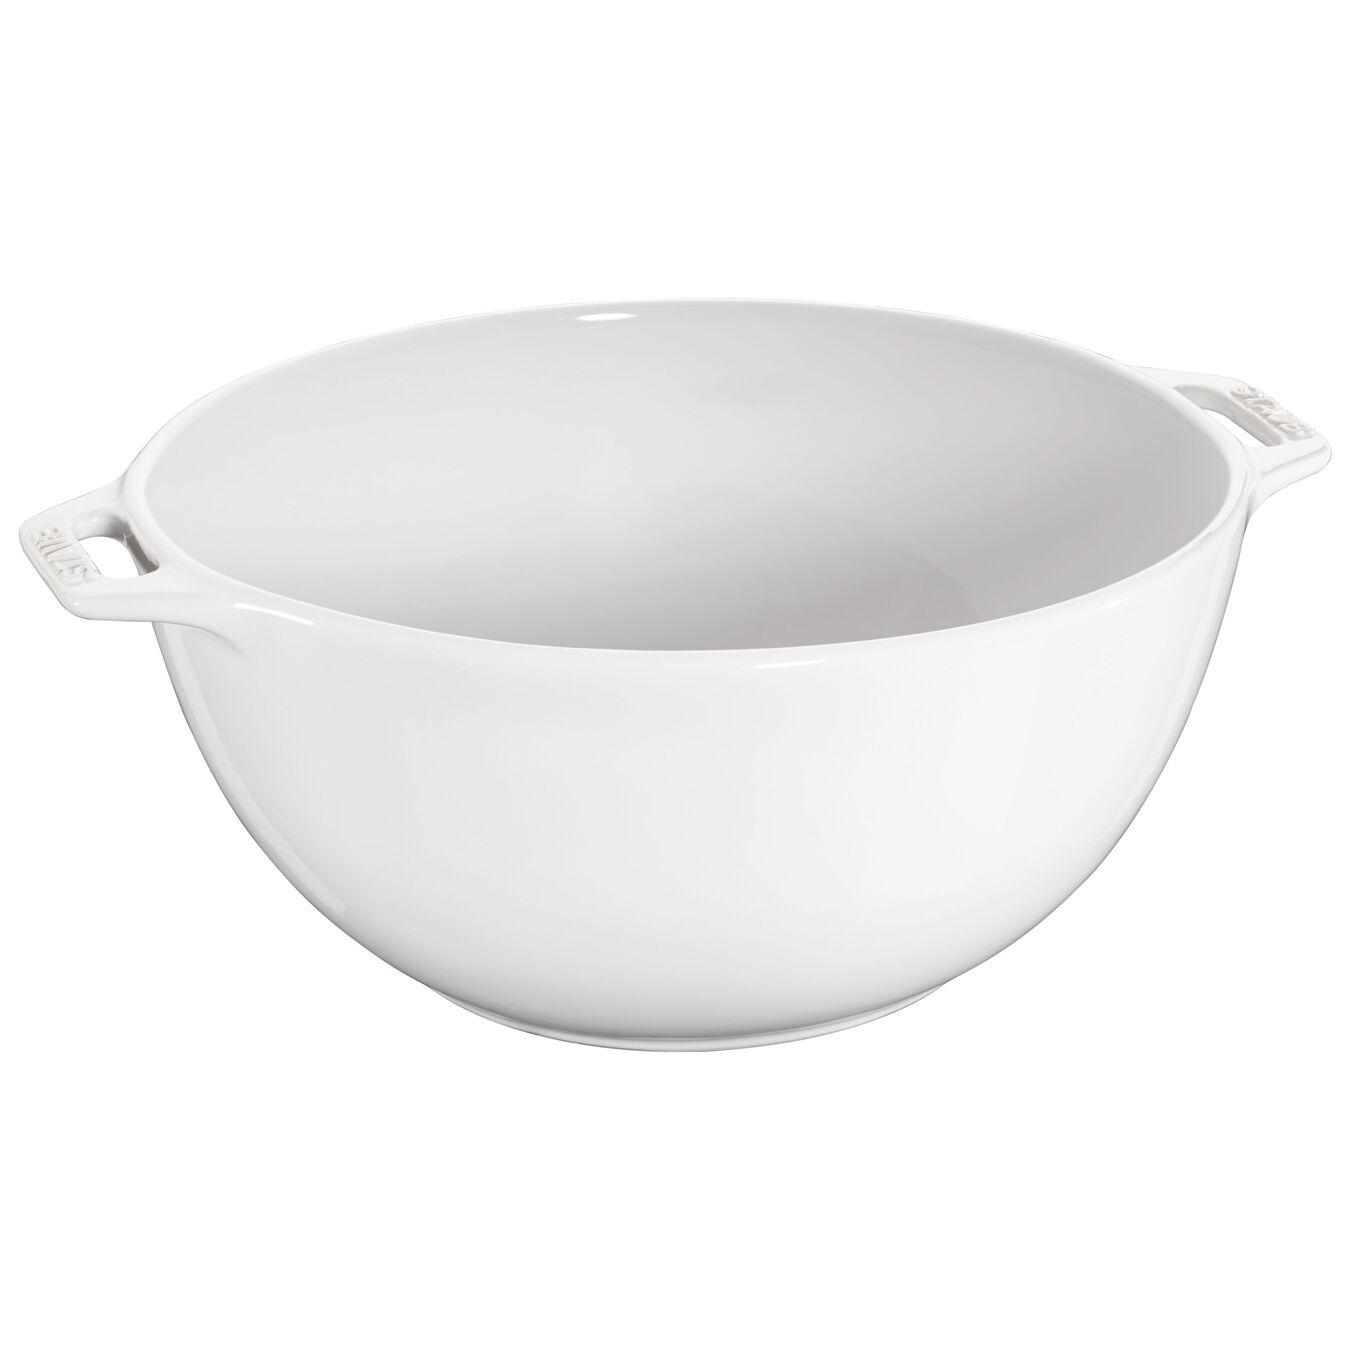 25 cm Ceramic round Bol, Pure-White,,large 1